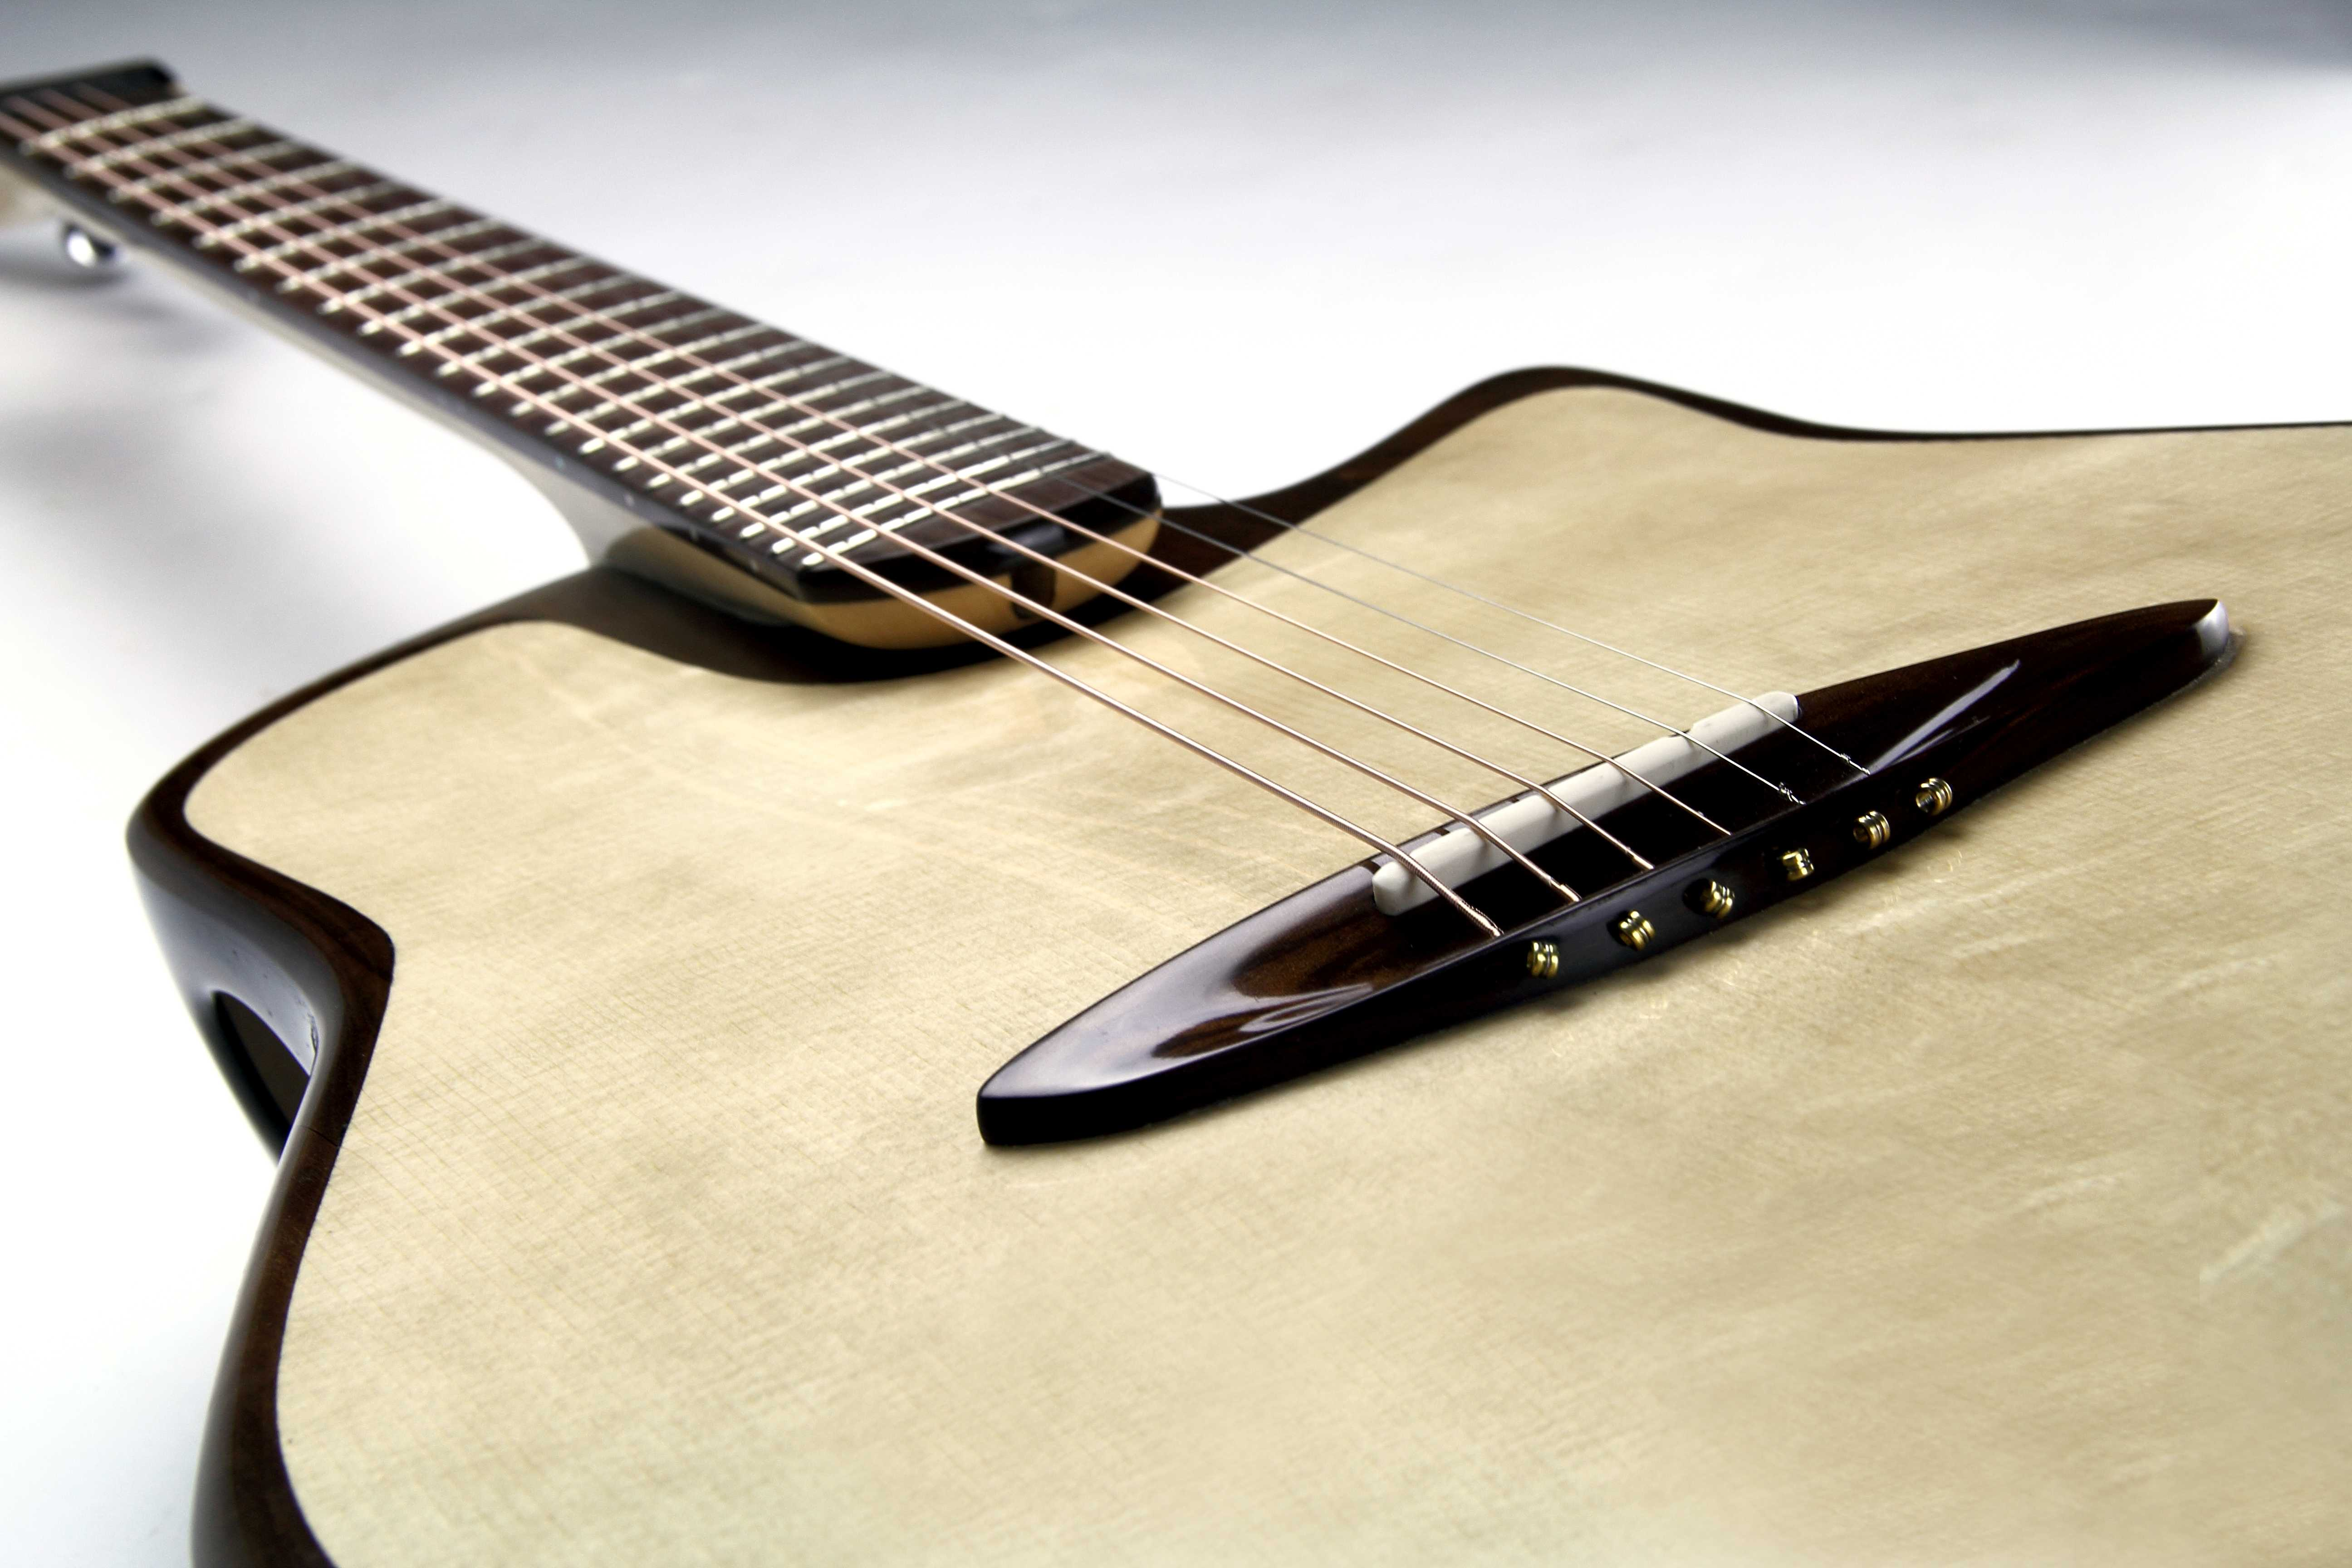 Canna Guitar von Jakob Frank mit Griffbrett, Steg und Kopfplatte aus Sonowood.